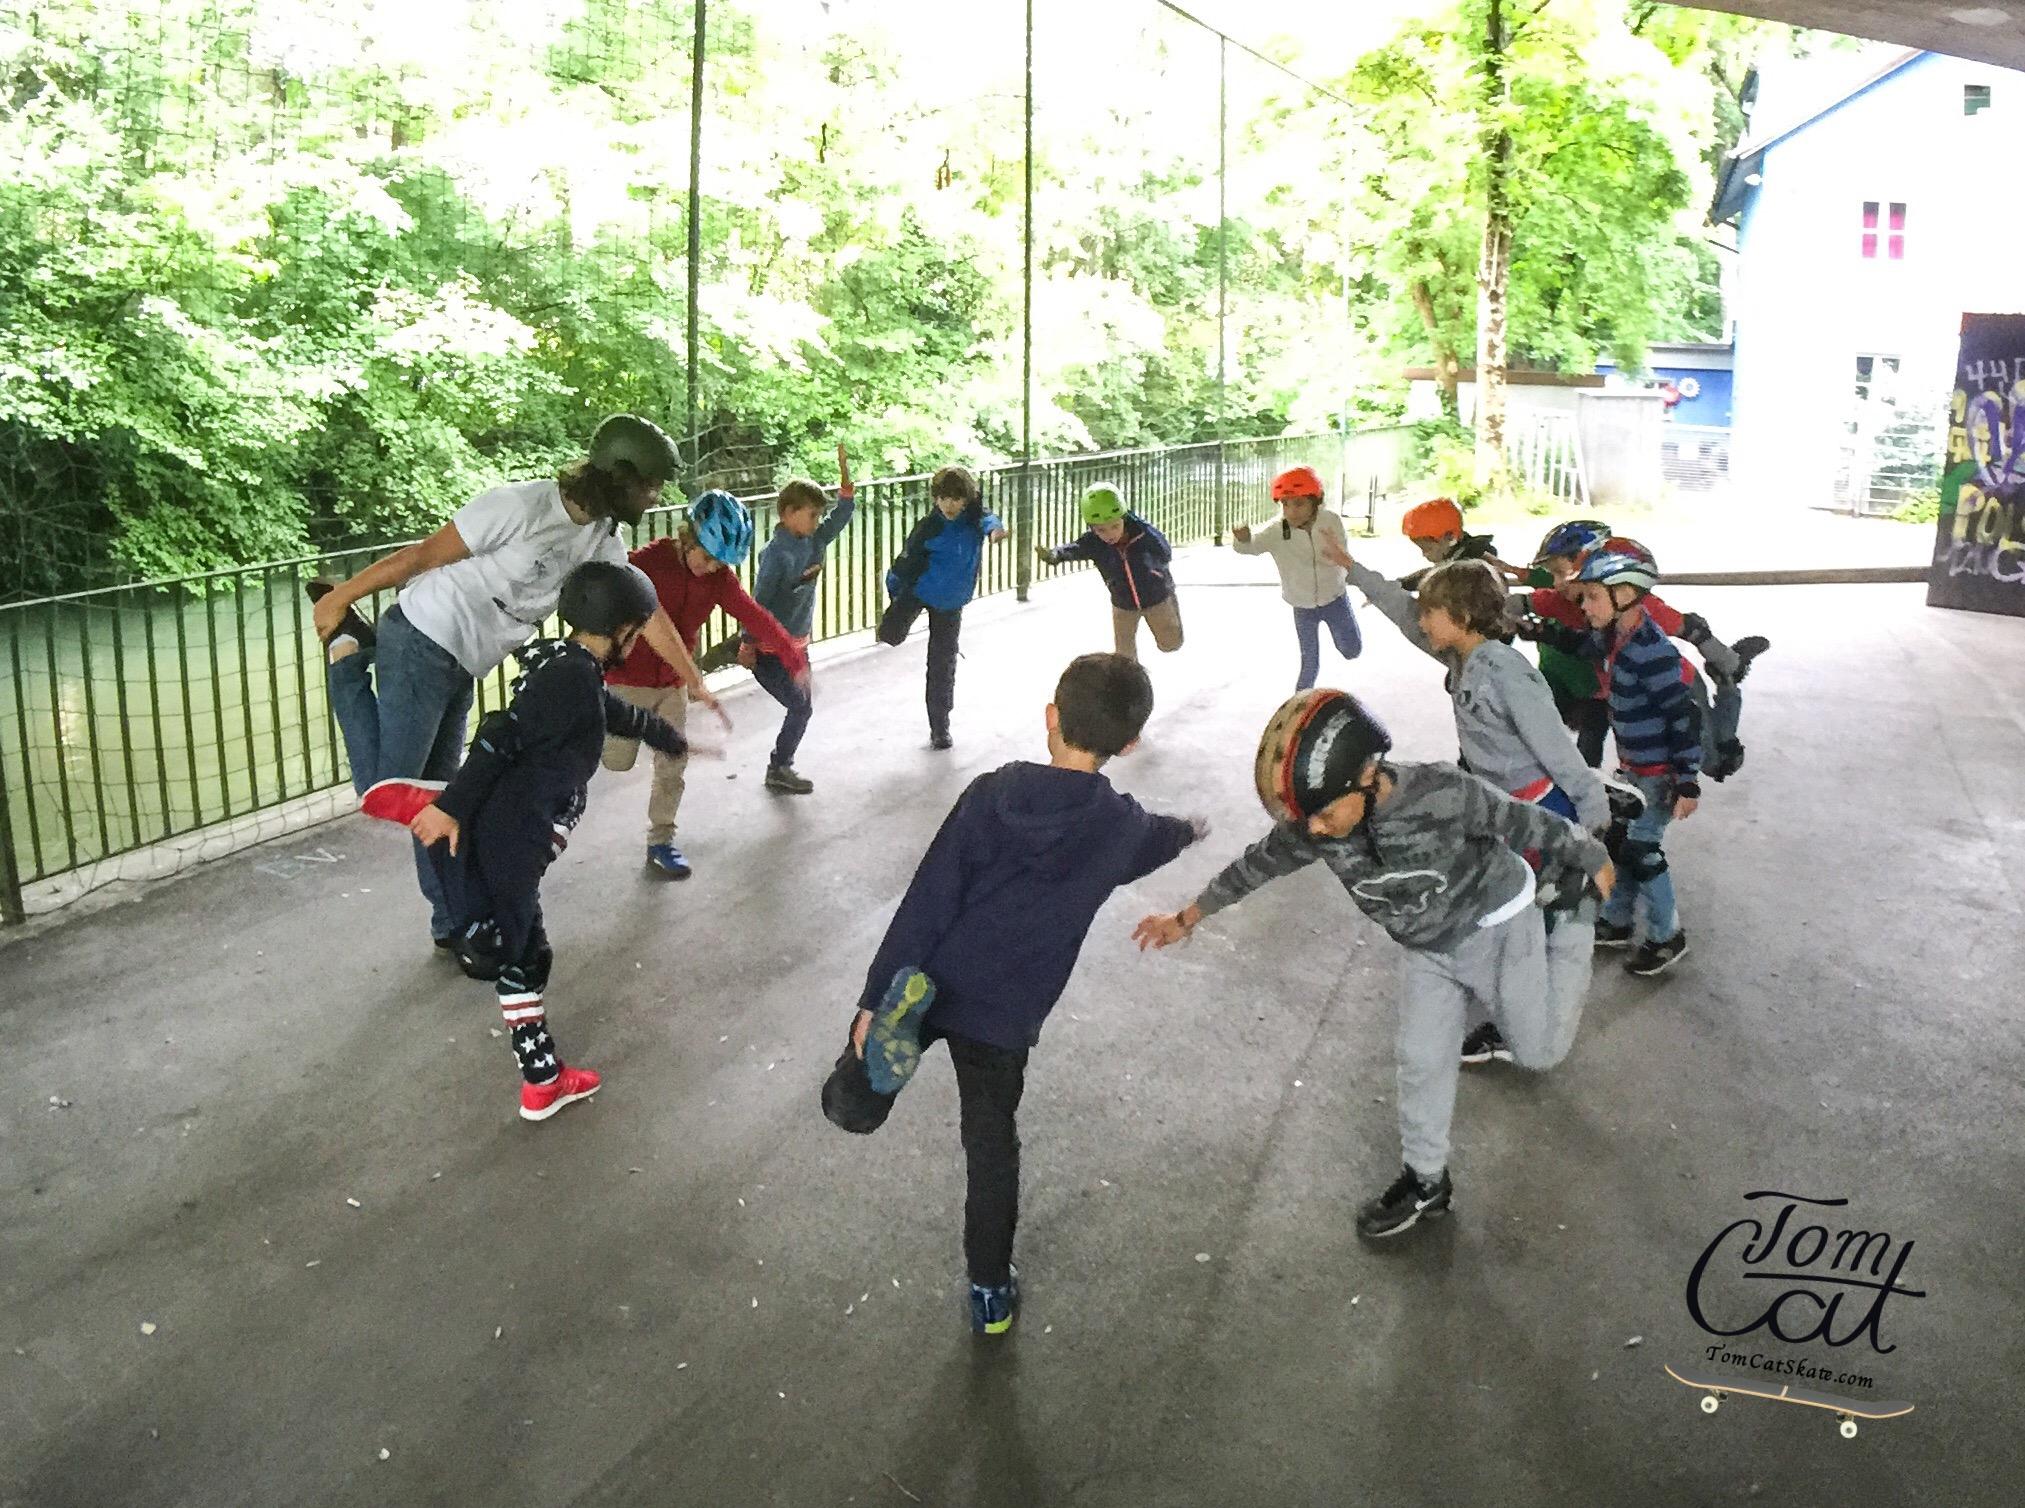 Skateboardkurs München Skatekurs München Longboardkurs für Anfänger und Fortgeschrittene Skateprofi Tom Cat Skateboard kaufen Deutschland Skatekurs Geburtstag.JPG